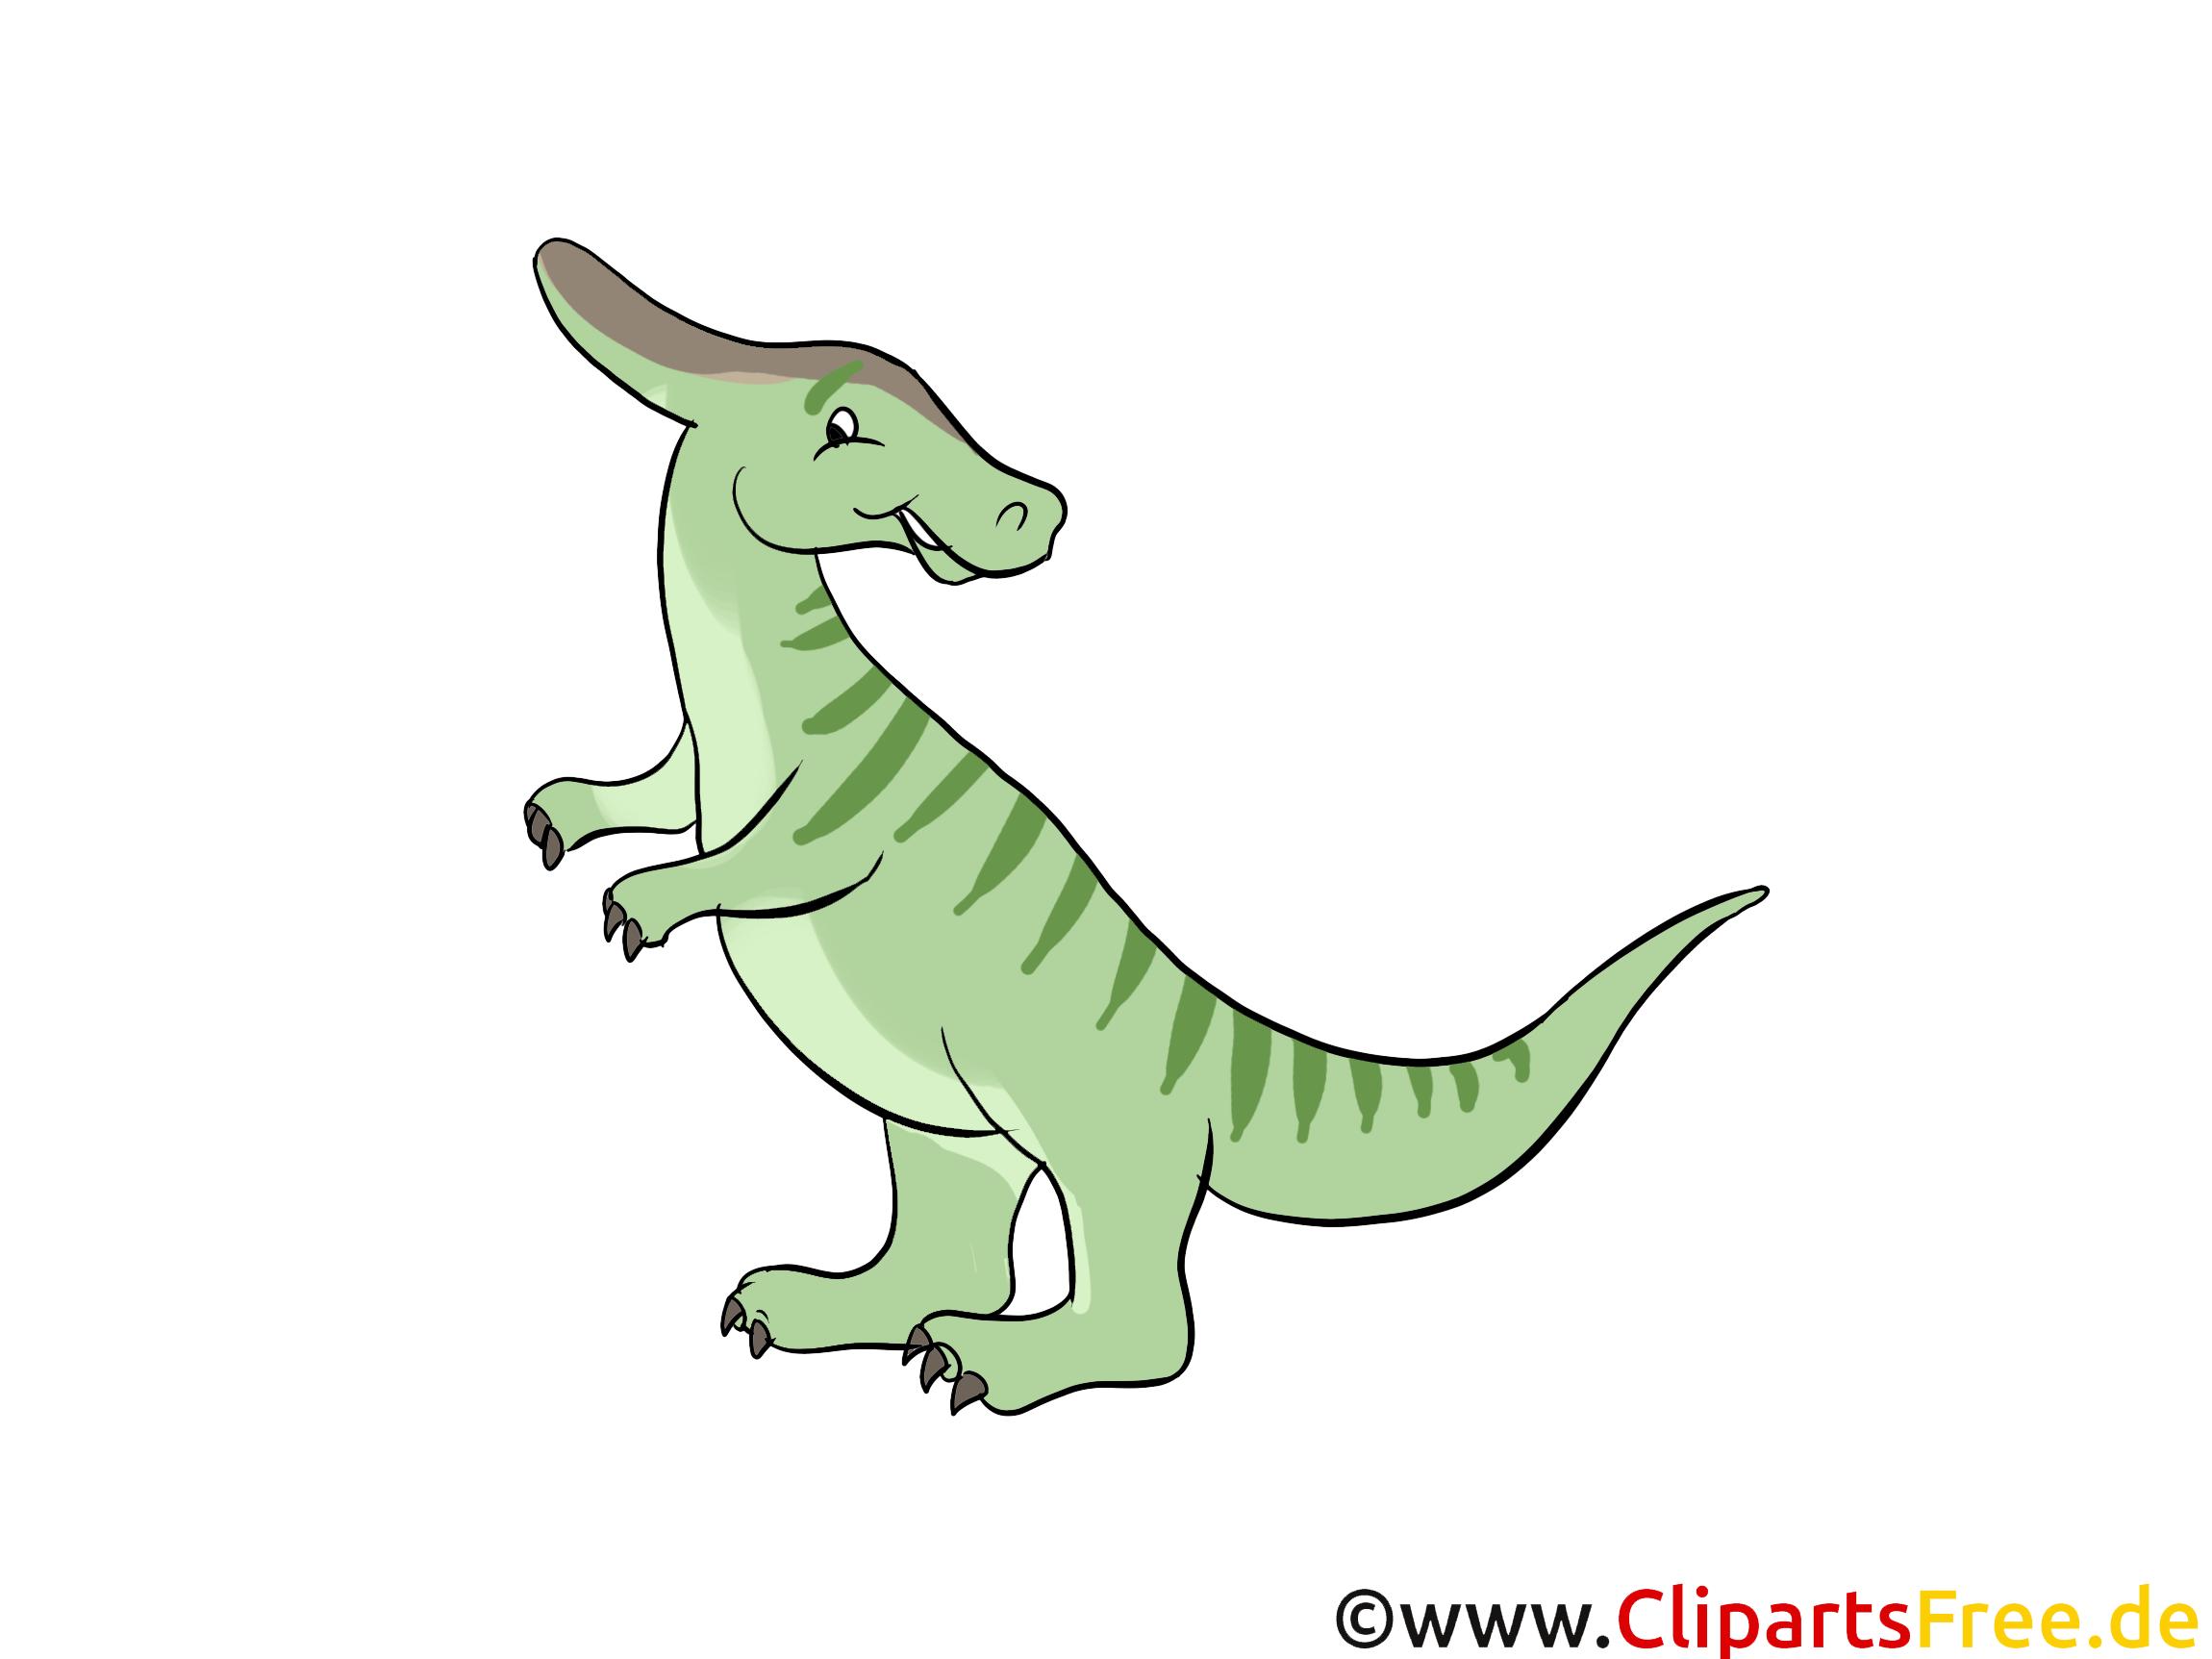 Pelecanimimus image gratuite – Dinosaure cliparts